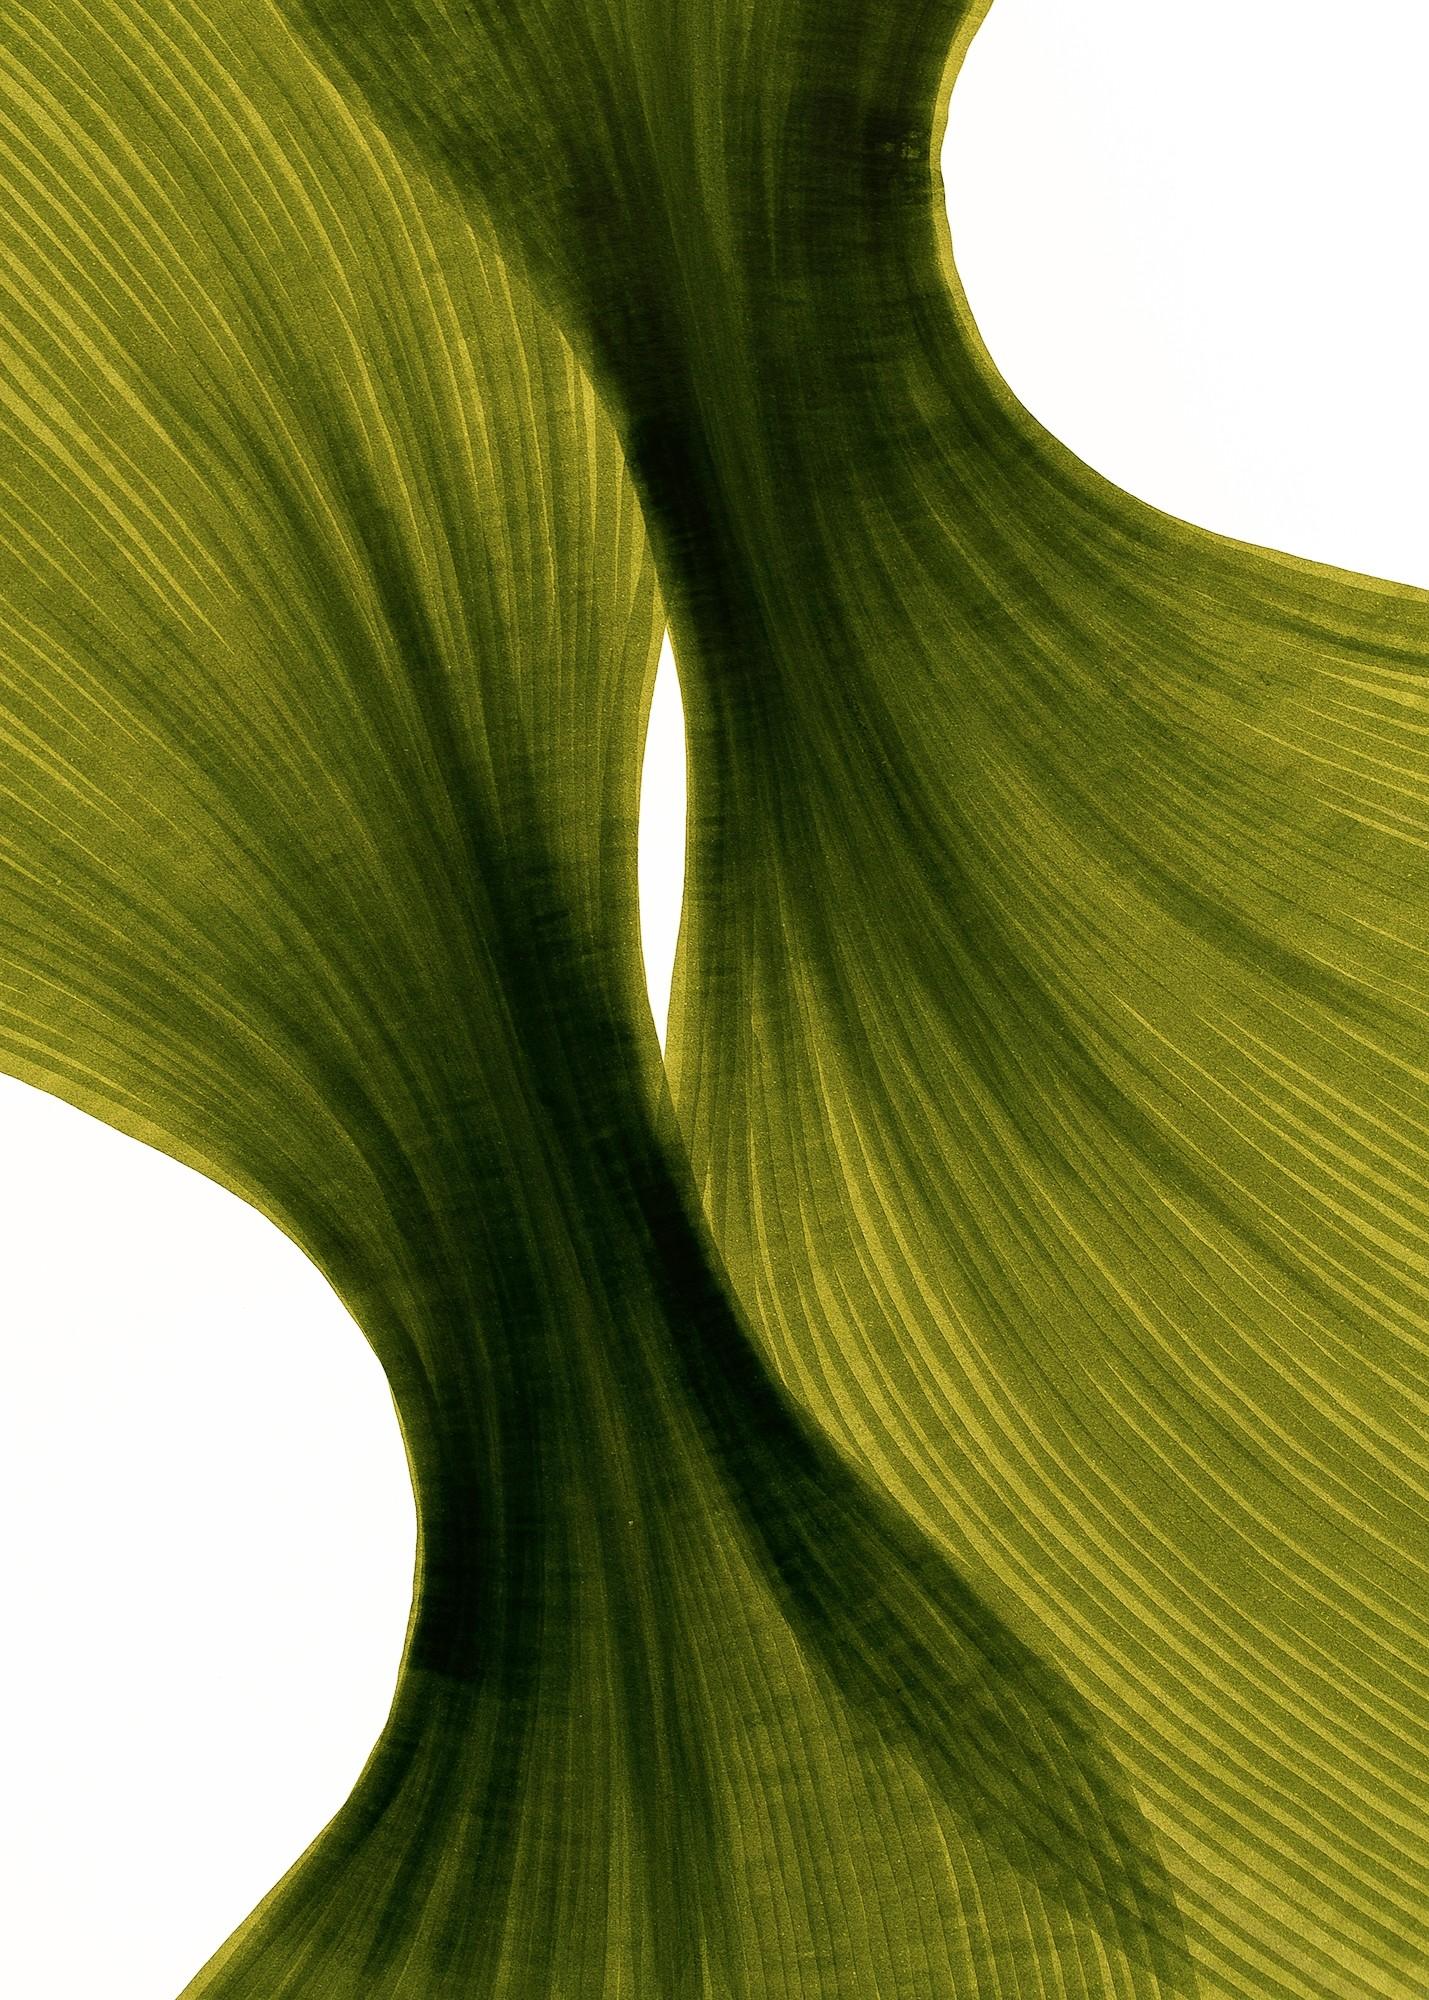 Banana Leaf Sheer Folds   Lali Torma   Zeichnung   Kalligraphietusche auf Papier, Detail